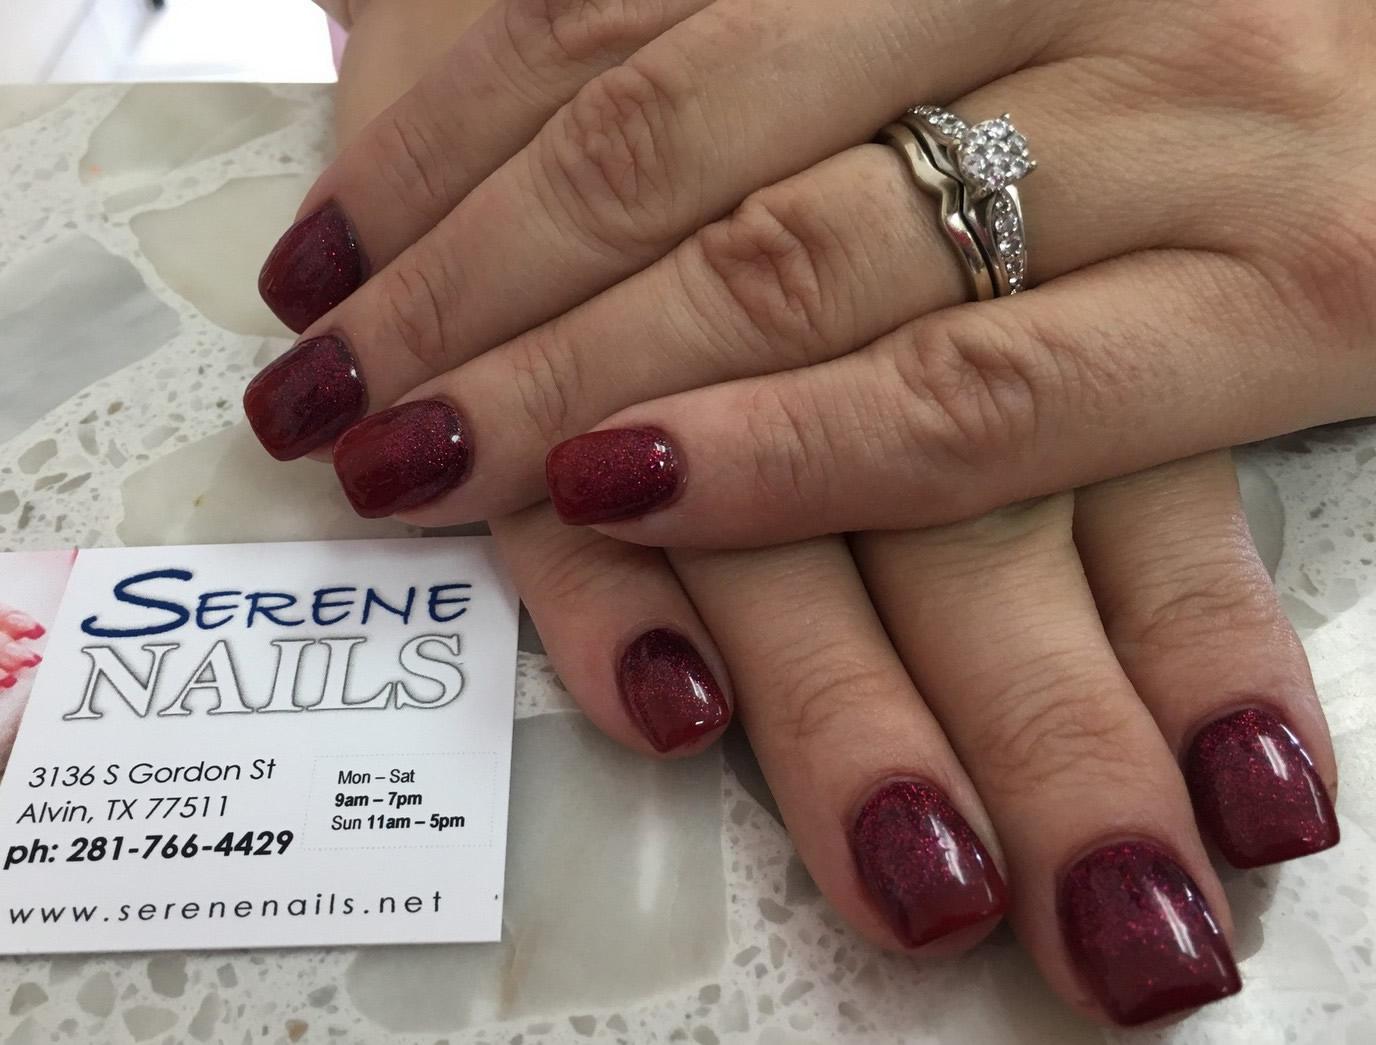 Serene Nails image 71